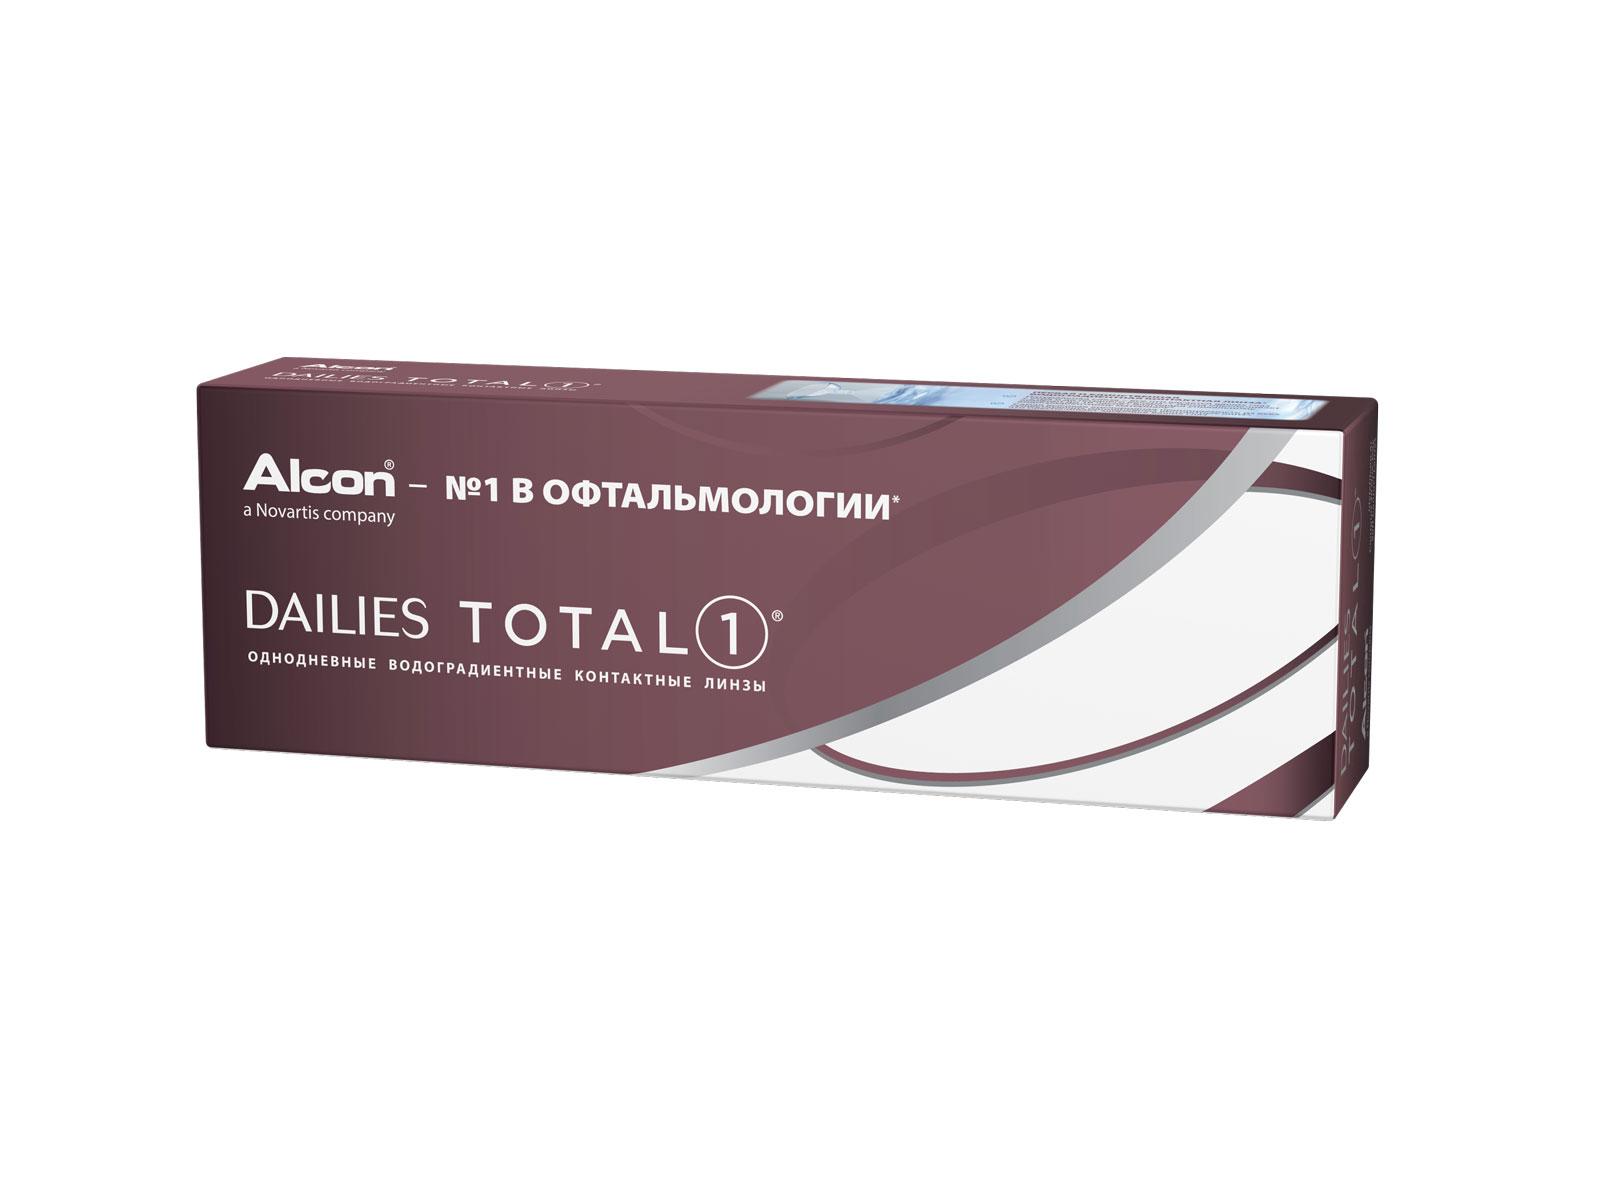 Alcon контактные линзы Dailies Total 1 30pk /-5.25 / 8.5 / 14.1100044119Dailies Total 1 – линзы, которые не чувствуешь с утра и до поздного вечера. Эти однодневные контактные линзы выполнены из уникального водоградиентного материала, багодаря которому натуральная слеза – это все, что касается ваших глаз. Почти 100% влаги на поверхности обеспечивают непревзойденный комфорт до 16 часов ношения.